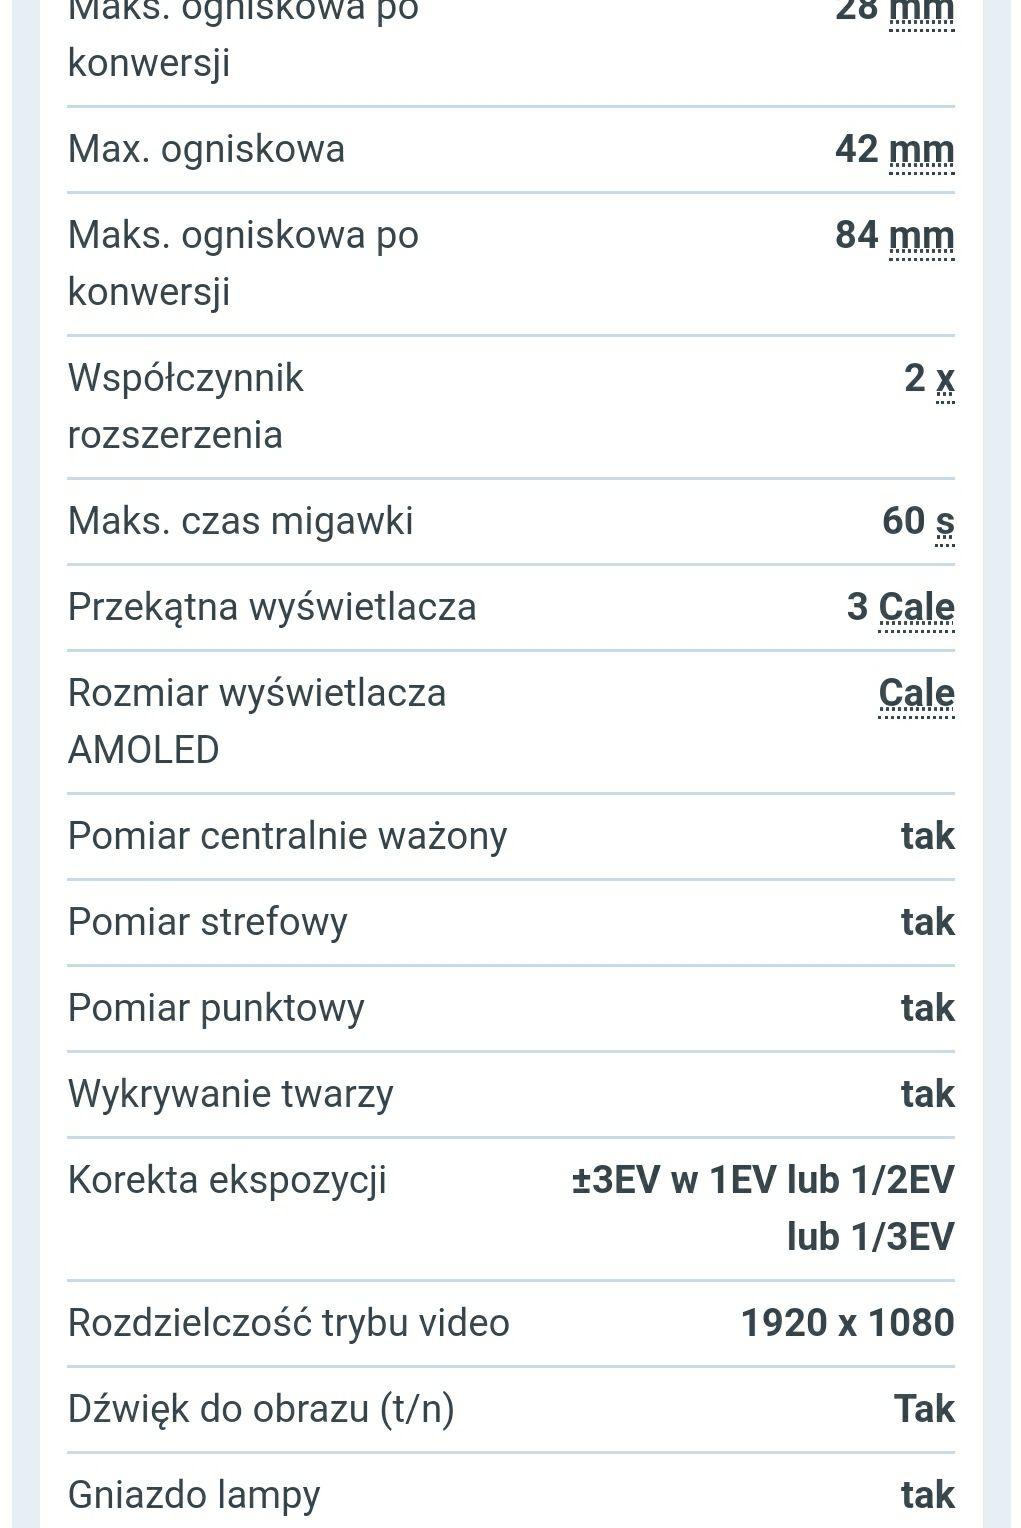 225279-IAuVK.jpg